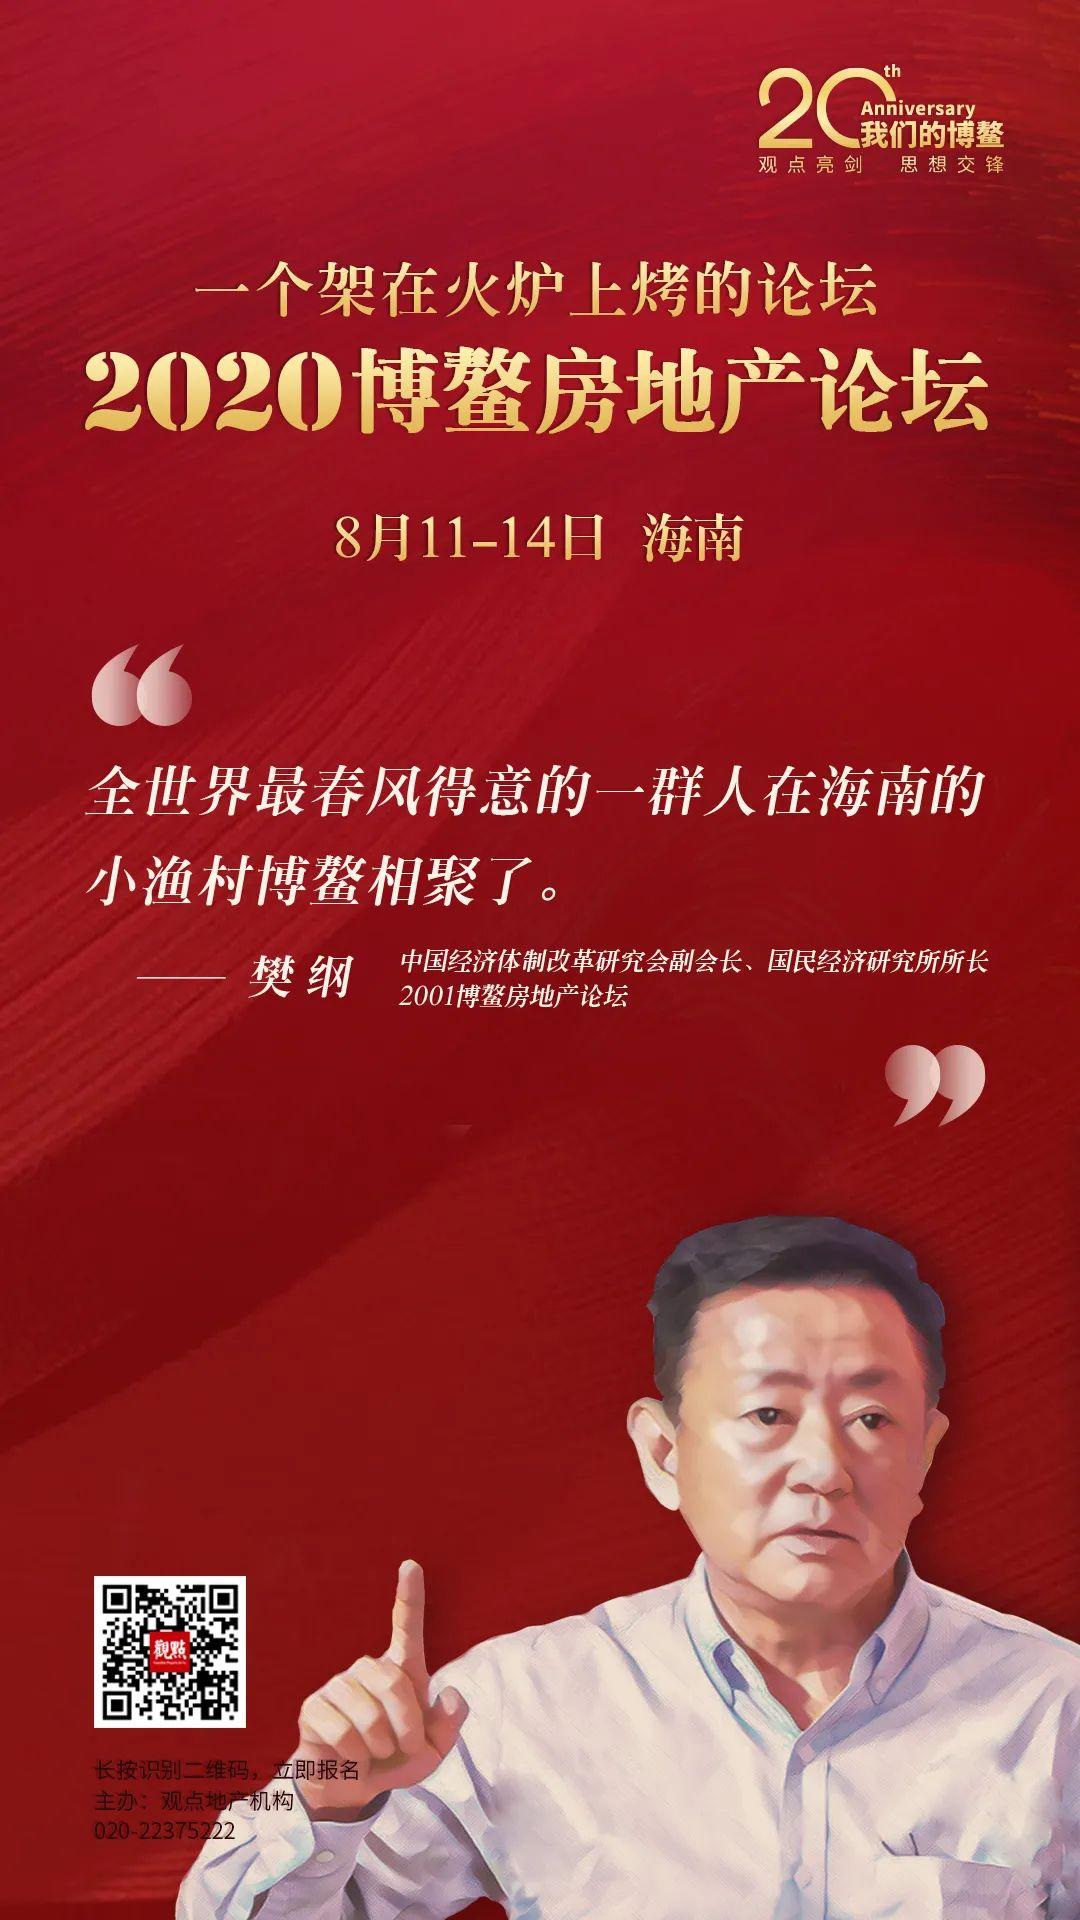 业绩快报 | 龙湖上半年累计销售1111亿 招商蛇口销售1107亿